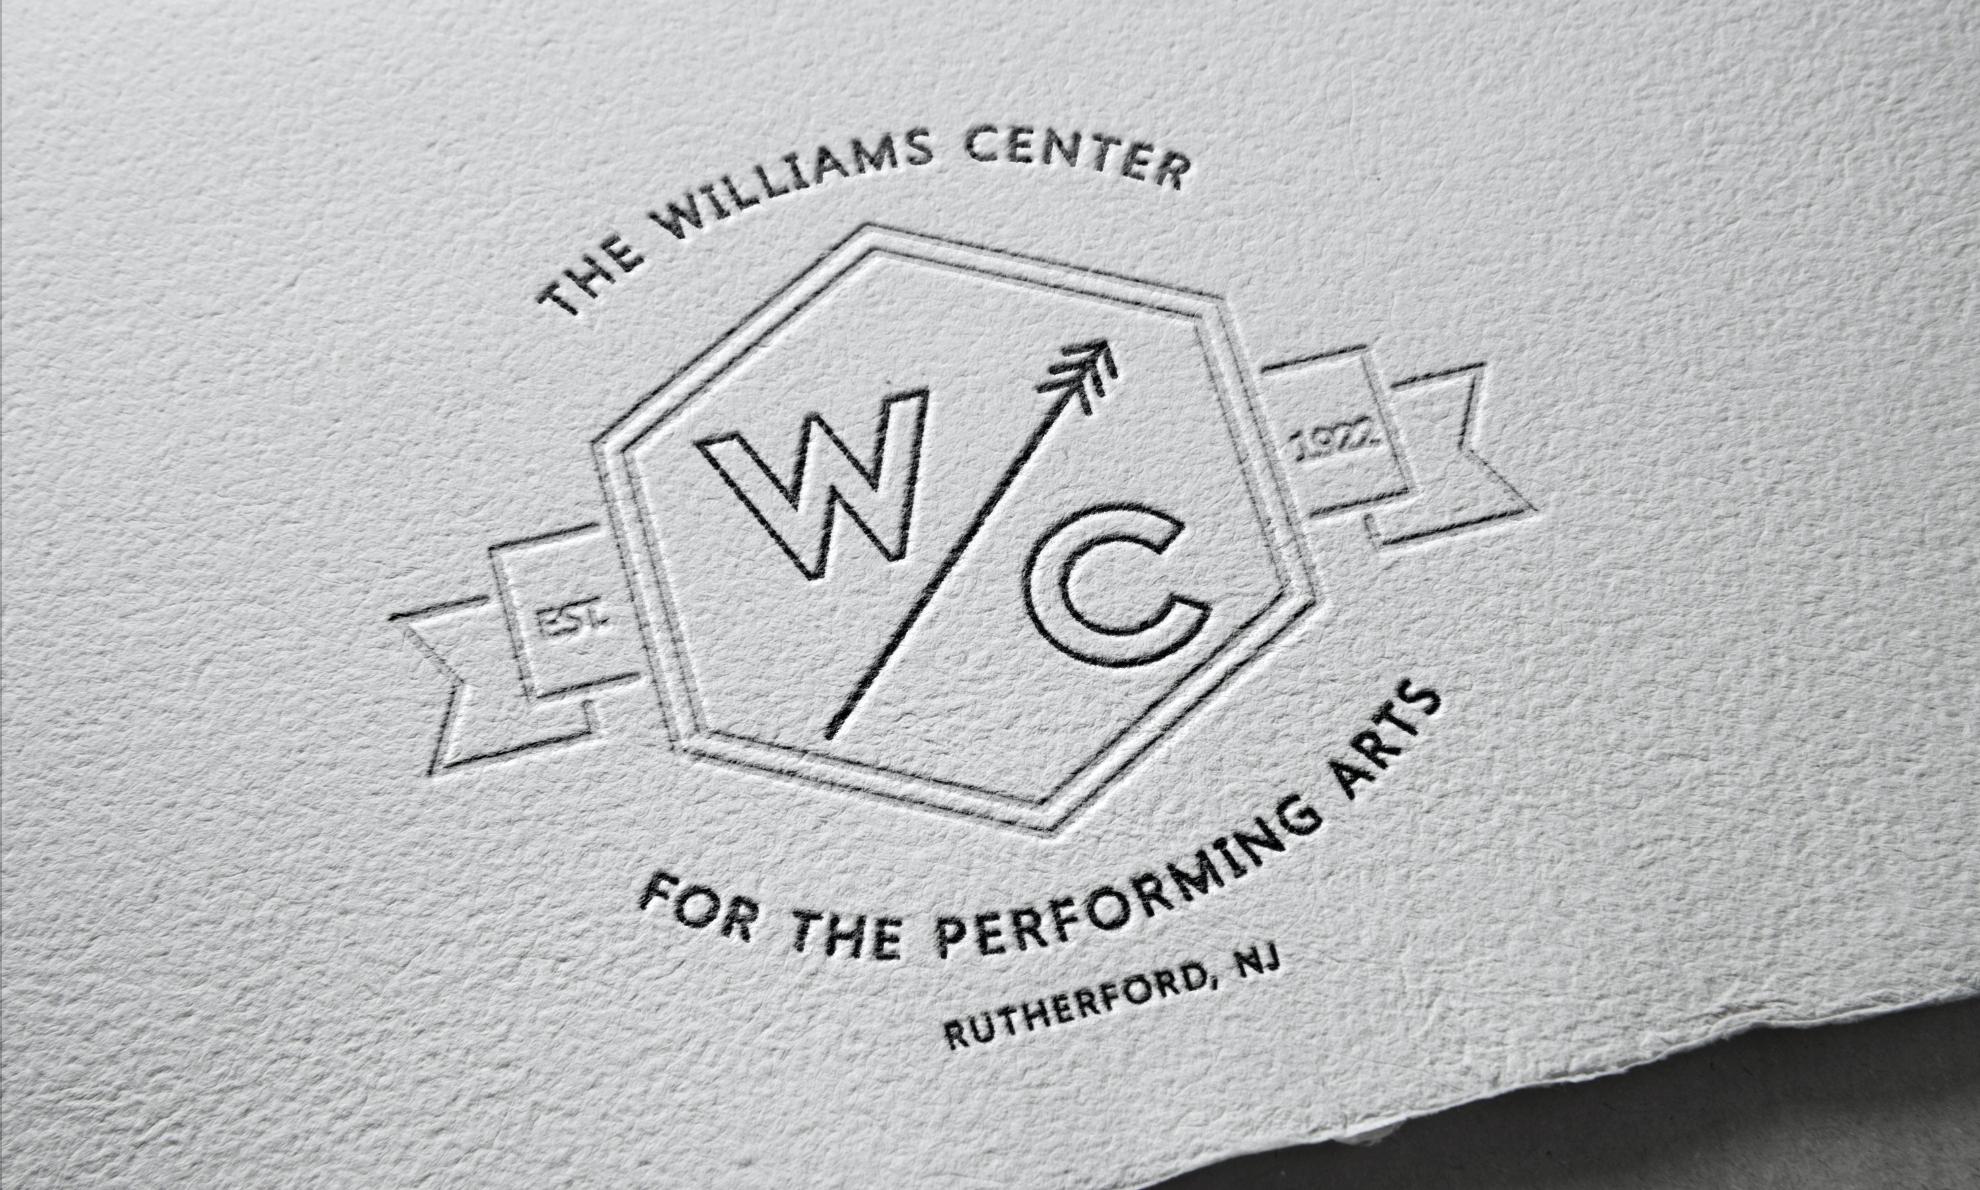 williamscenter | MAKERS